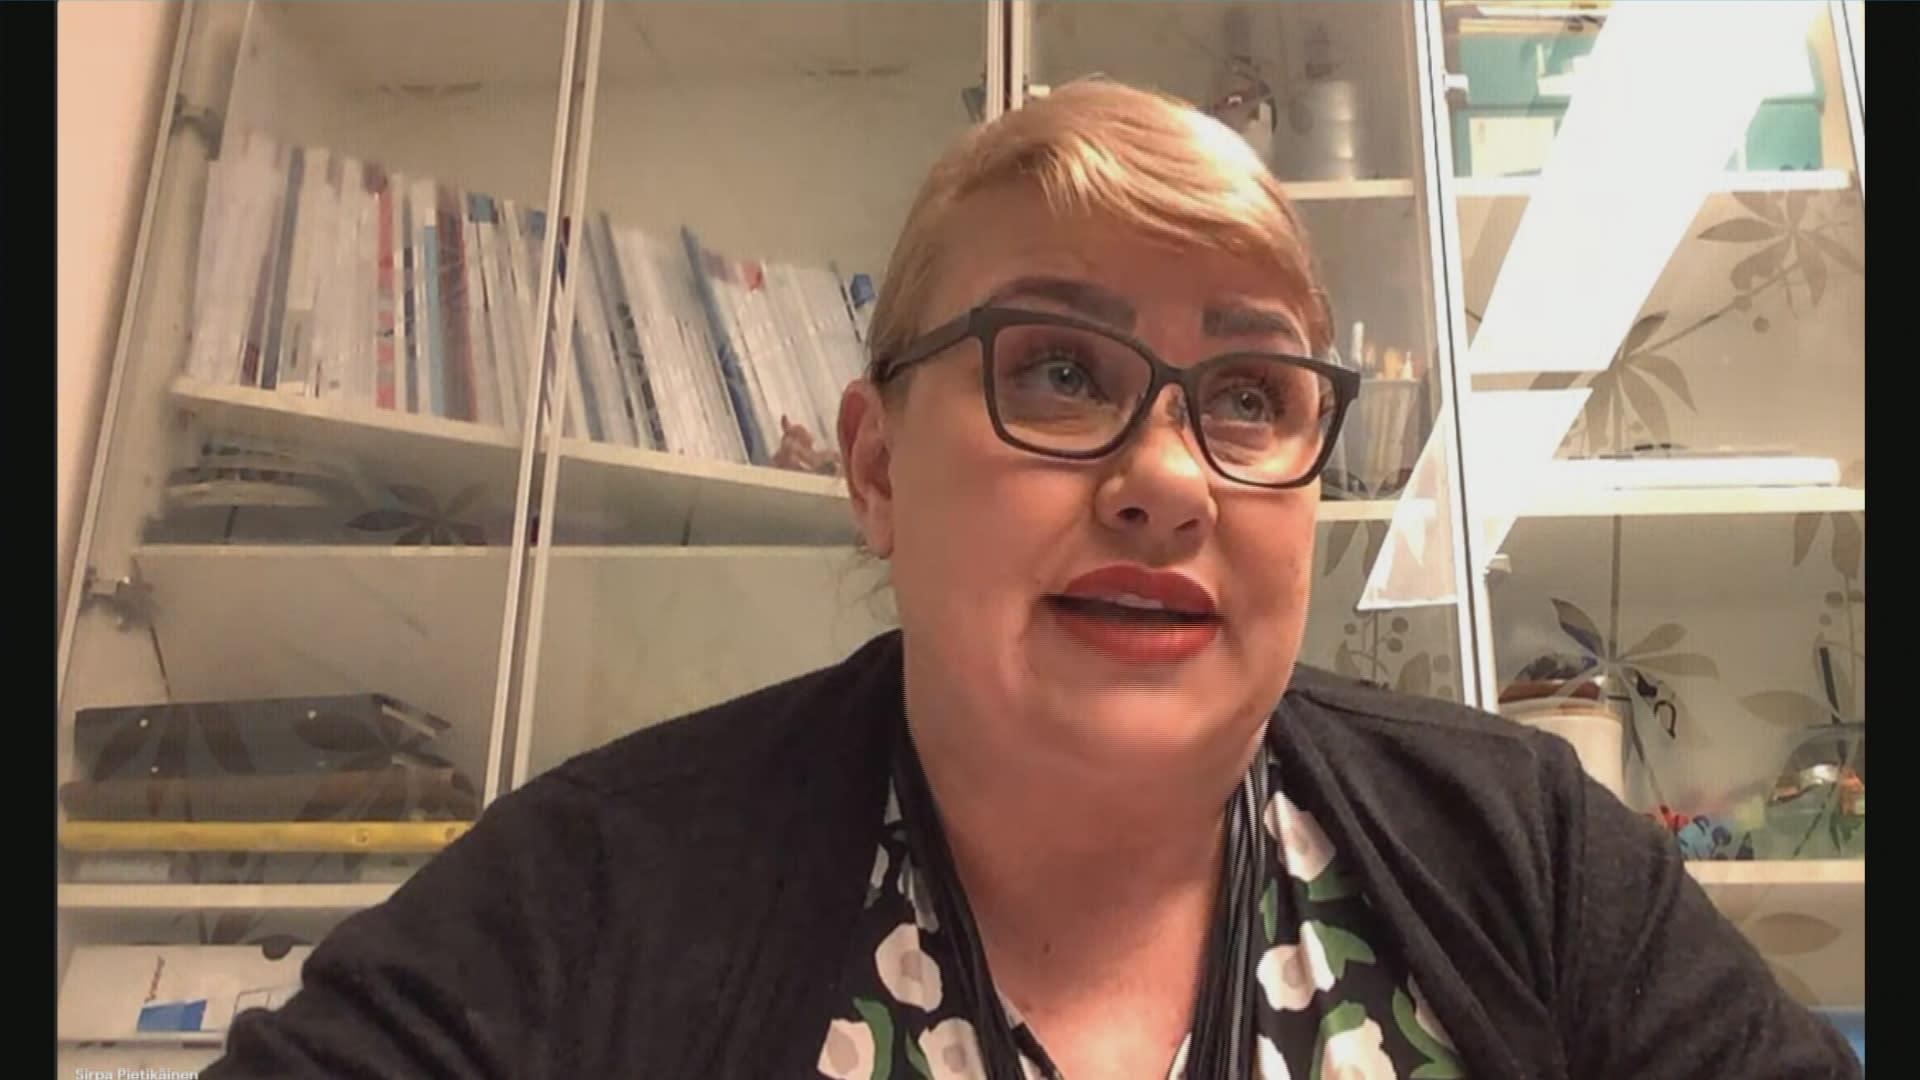 Europarlamentaarikko Sirpa Pietikäinen (kok.) kommentoi A-studiolle kartellitutkintaa.